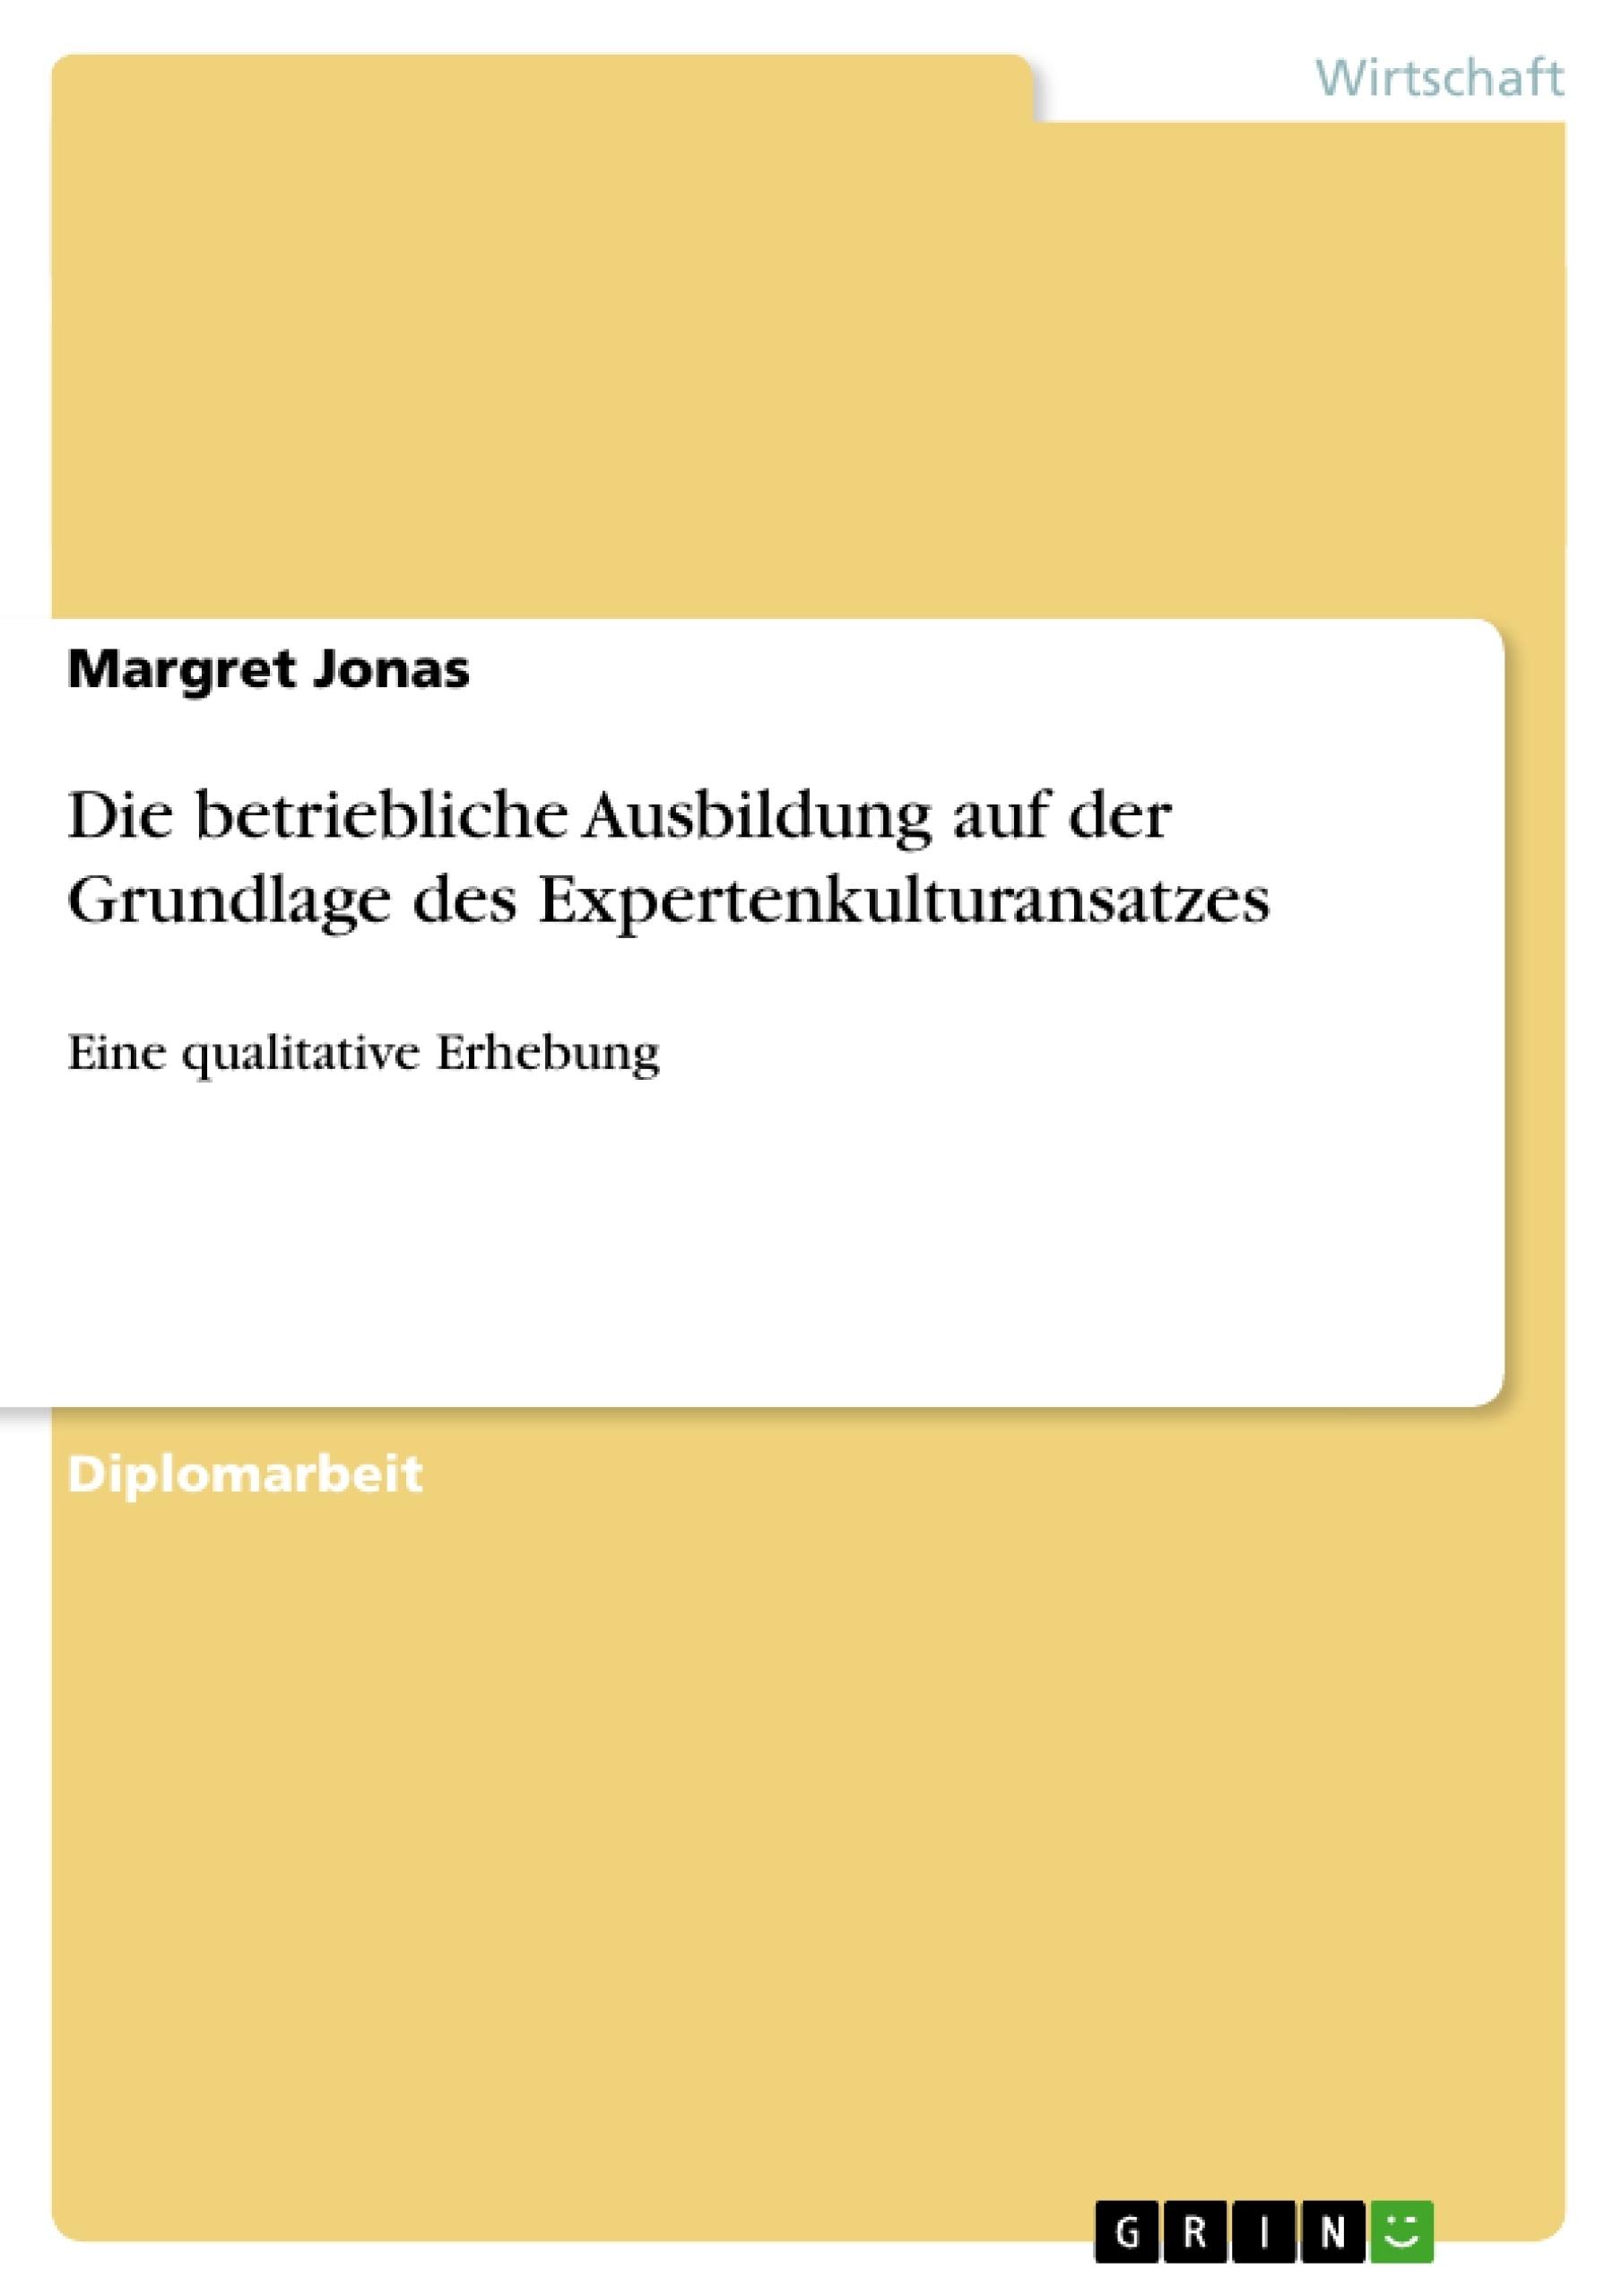 Titel: Die betriebliche Ausbildung auf der Grundlage des Expertenkulturansatzes